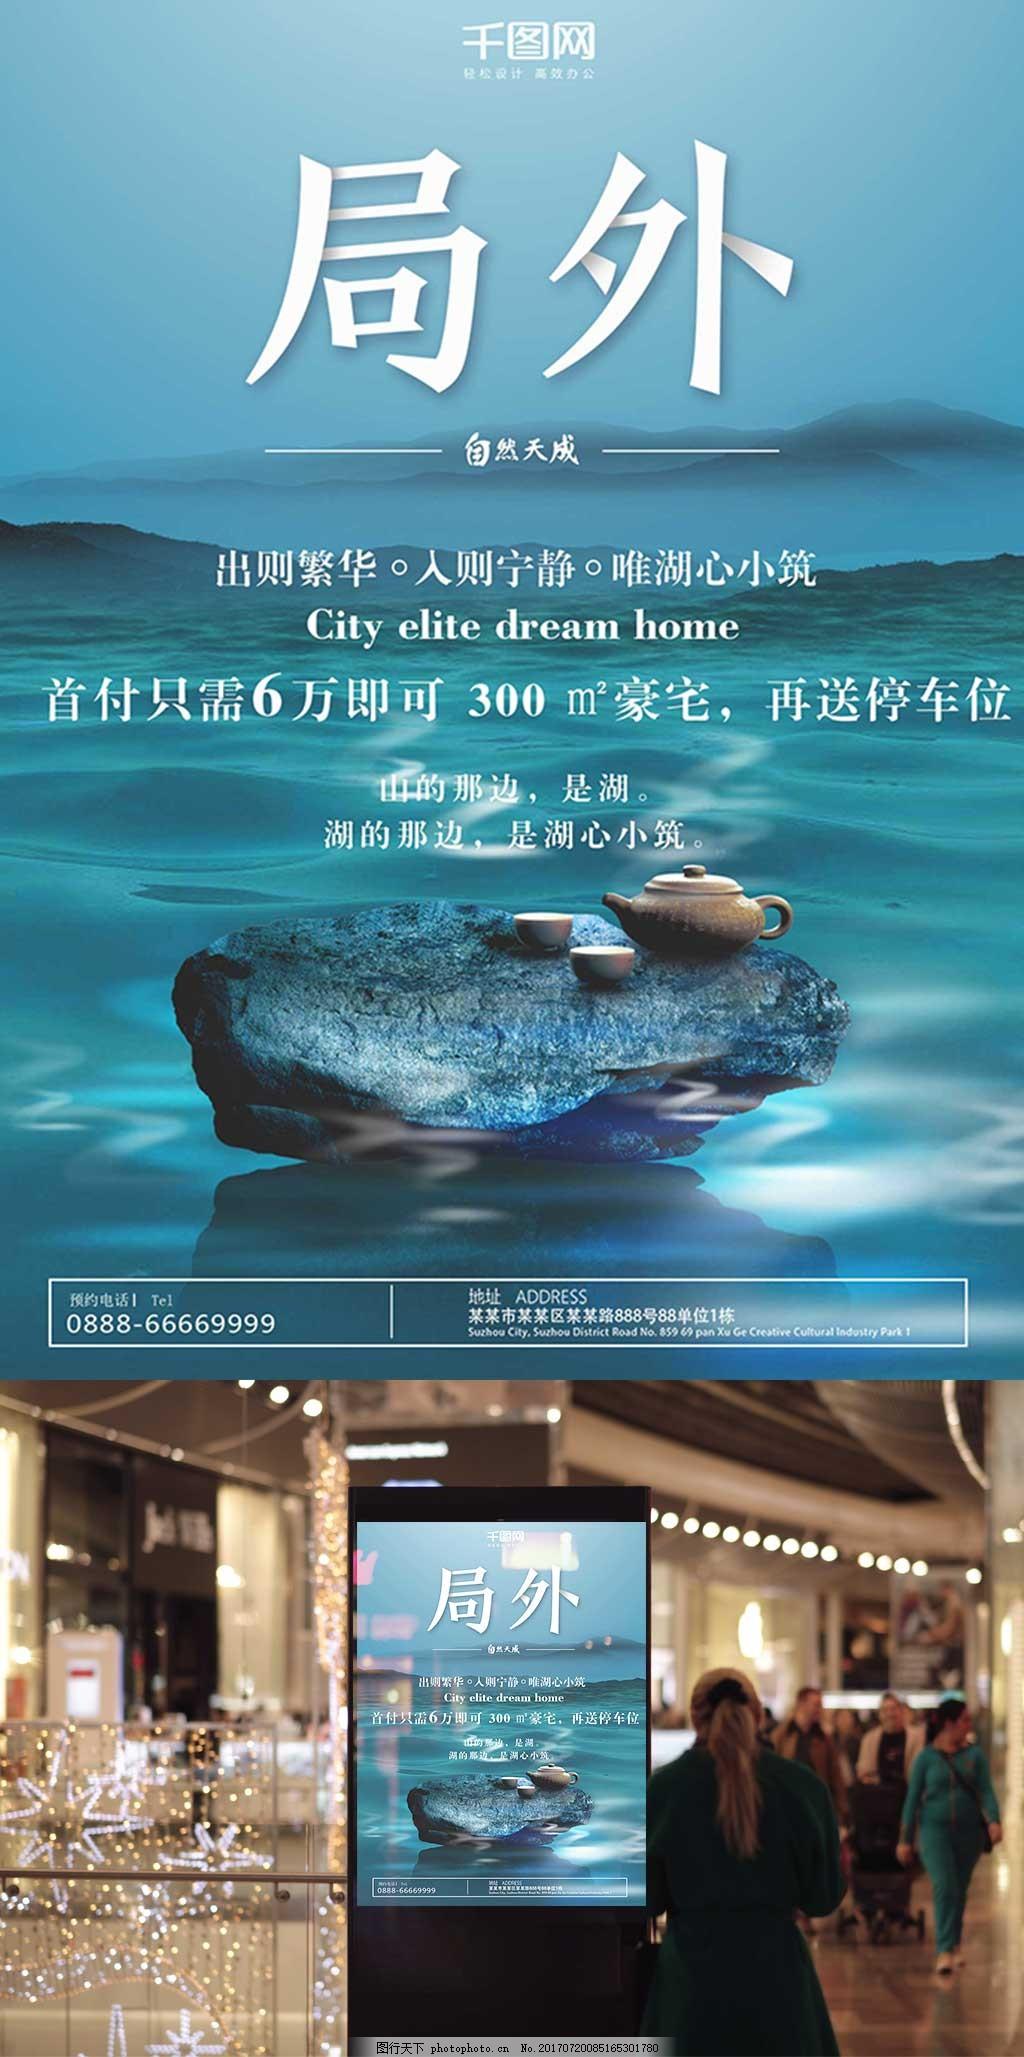 房地产中国风茶壶创意简约商业海报设计 看房团 购房有礼 地产招聘